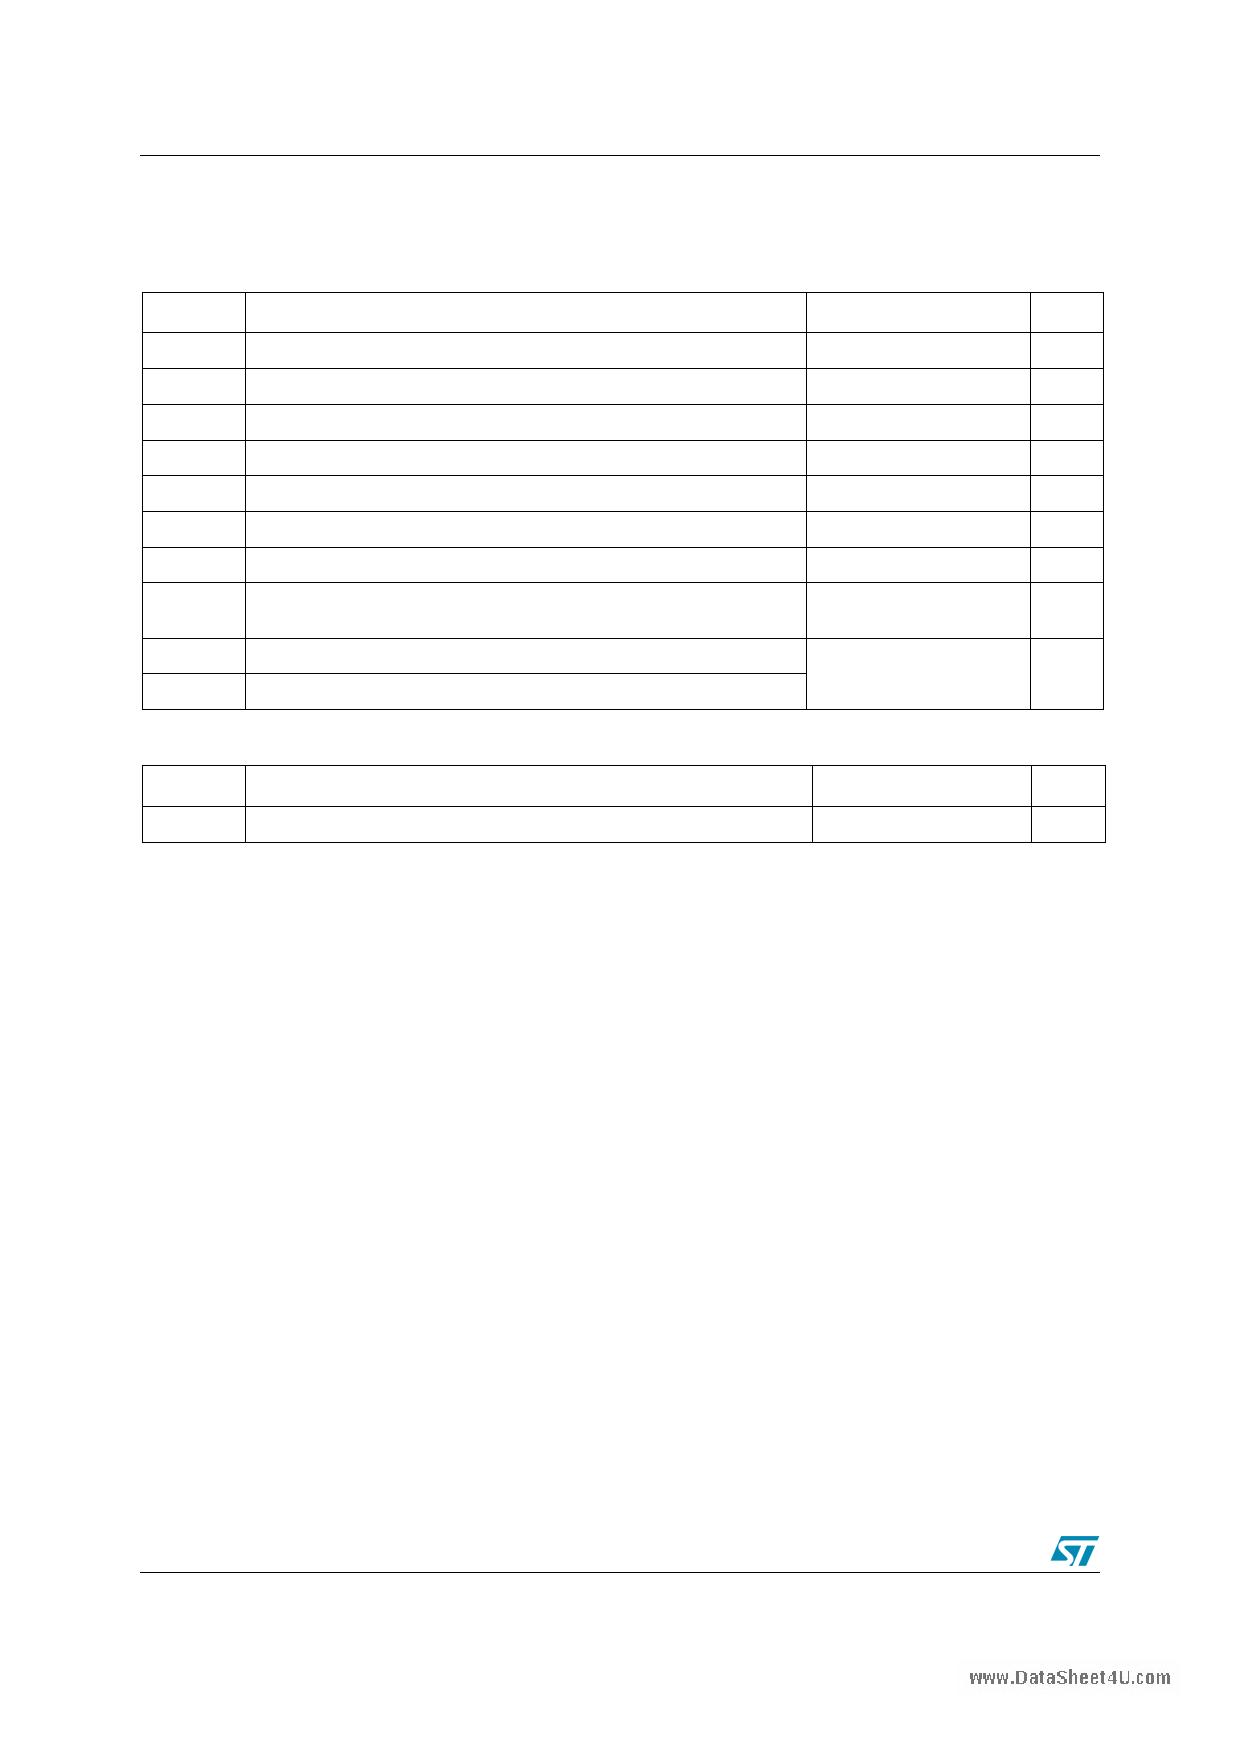 1803DFX pdf pinout